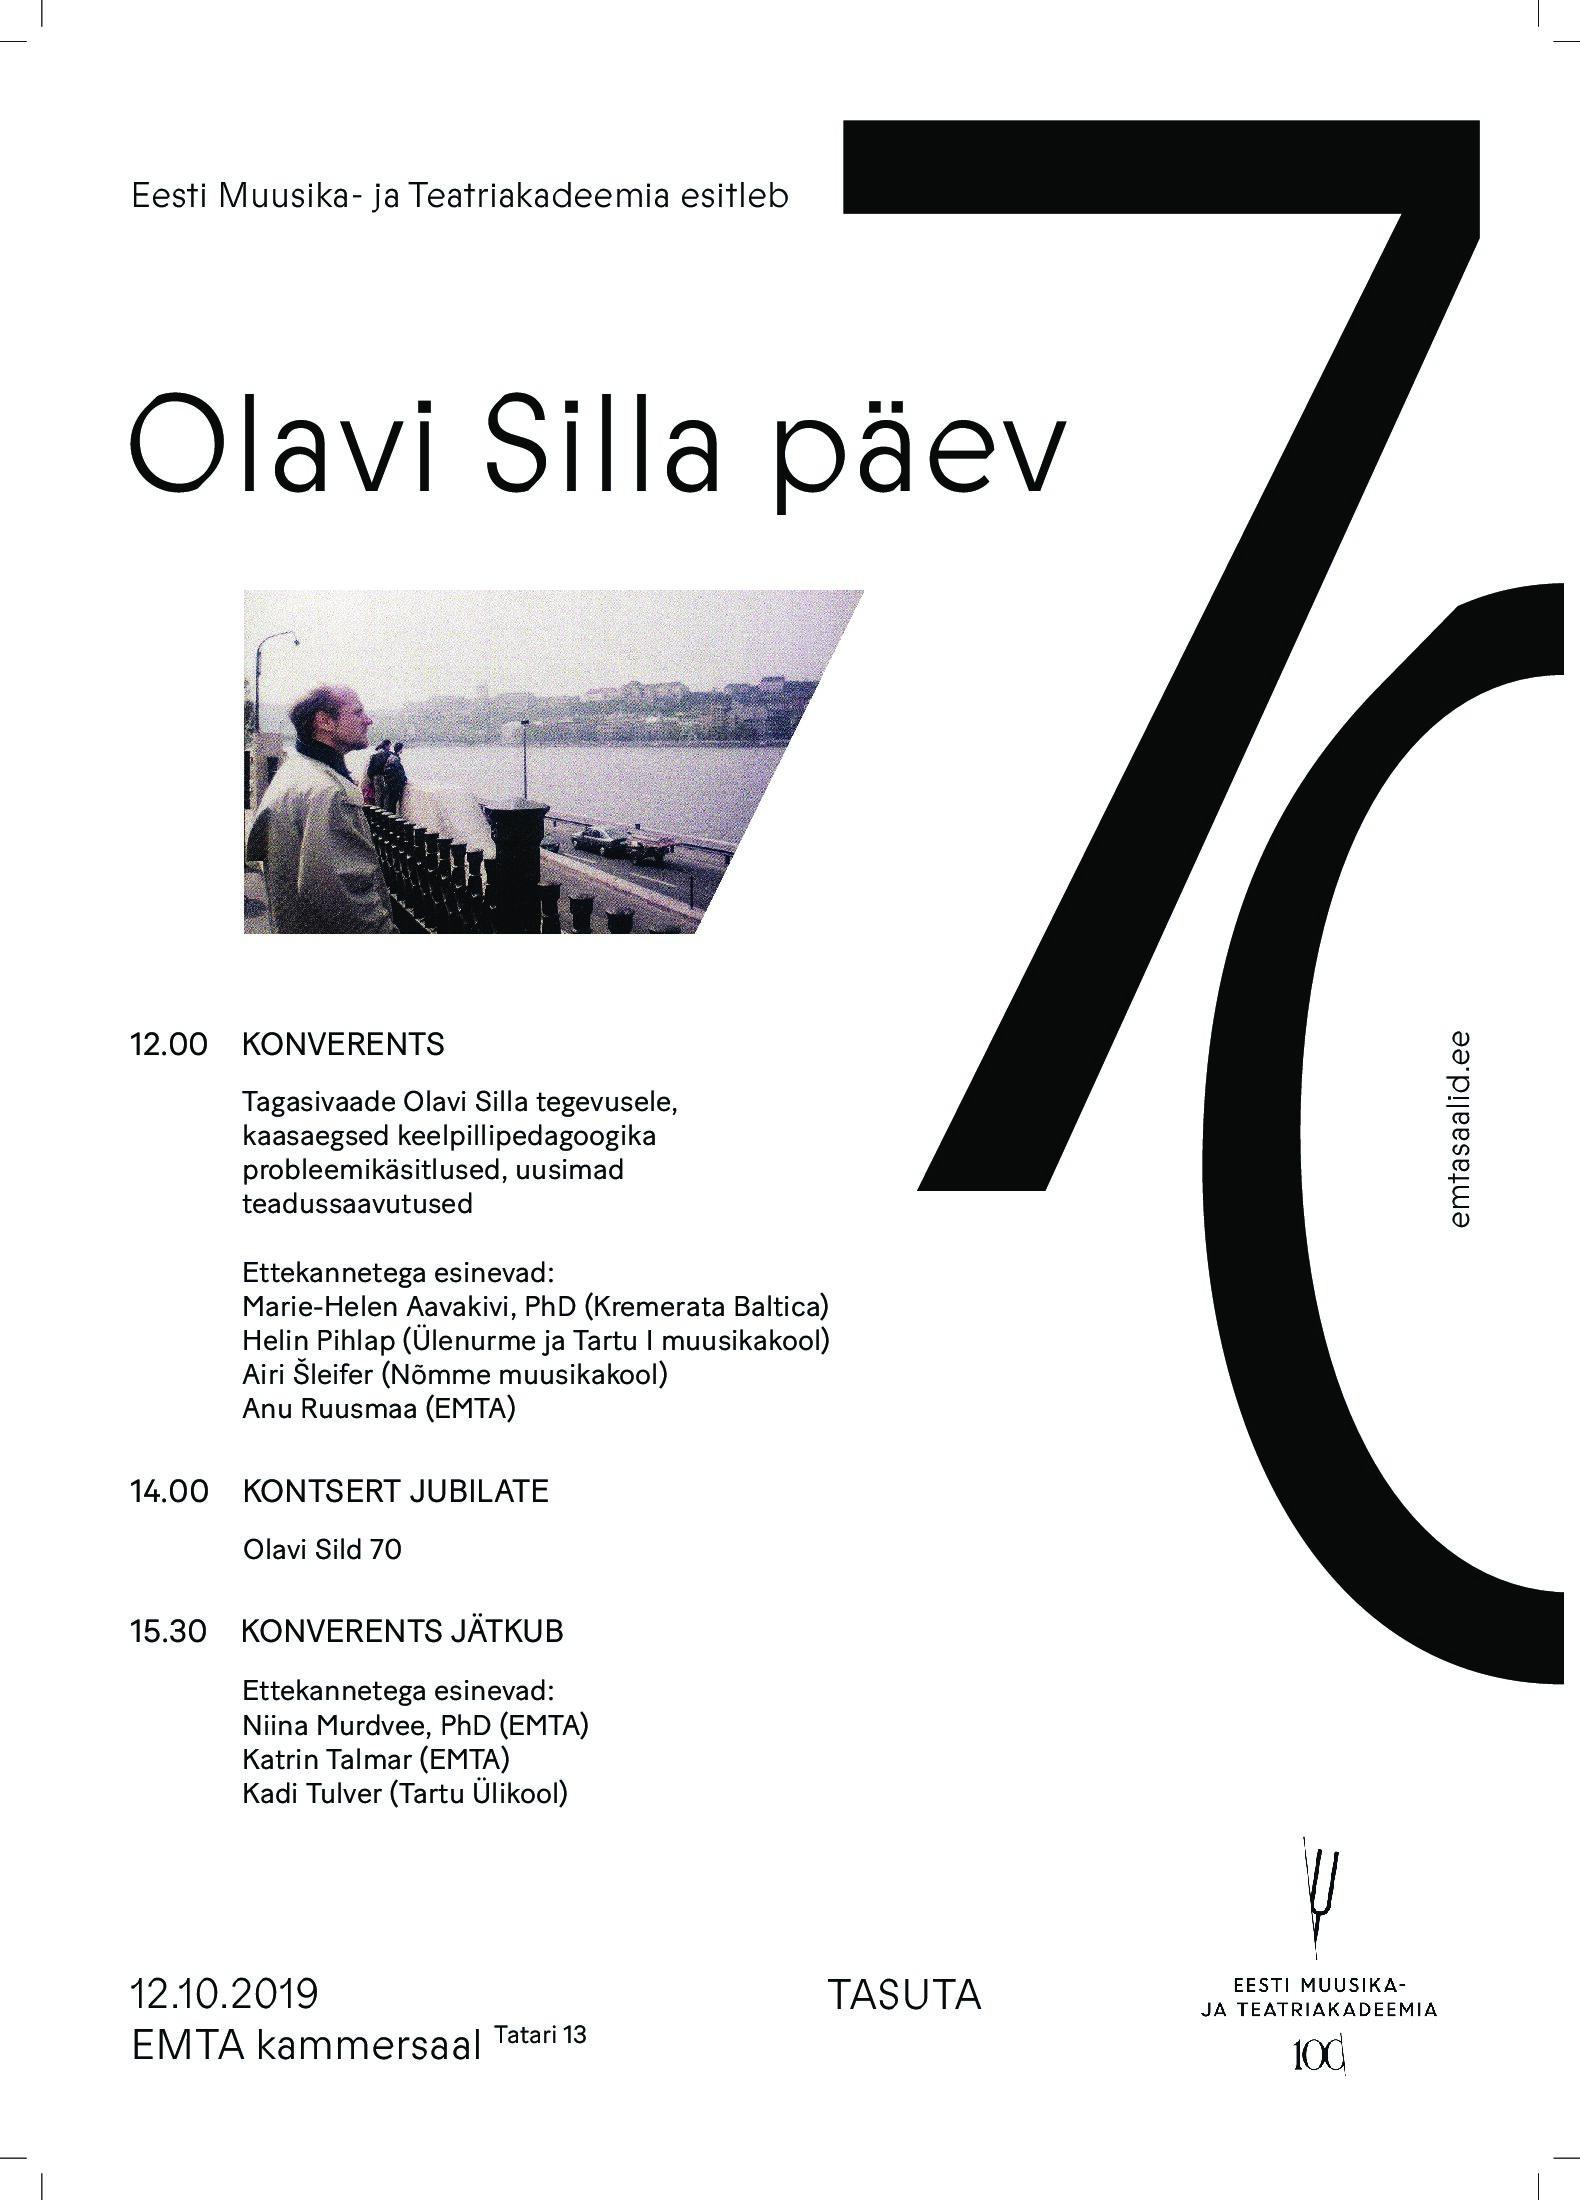 Olavi Silla päev